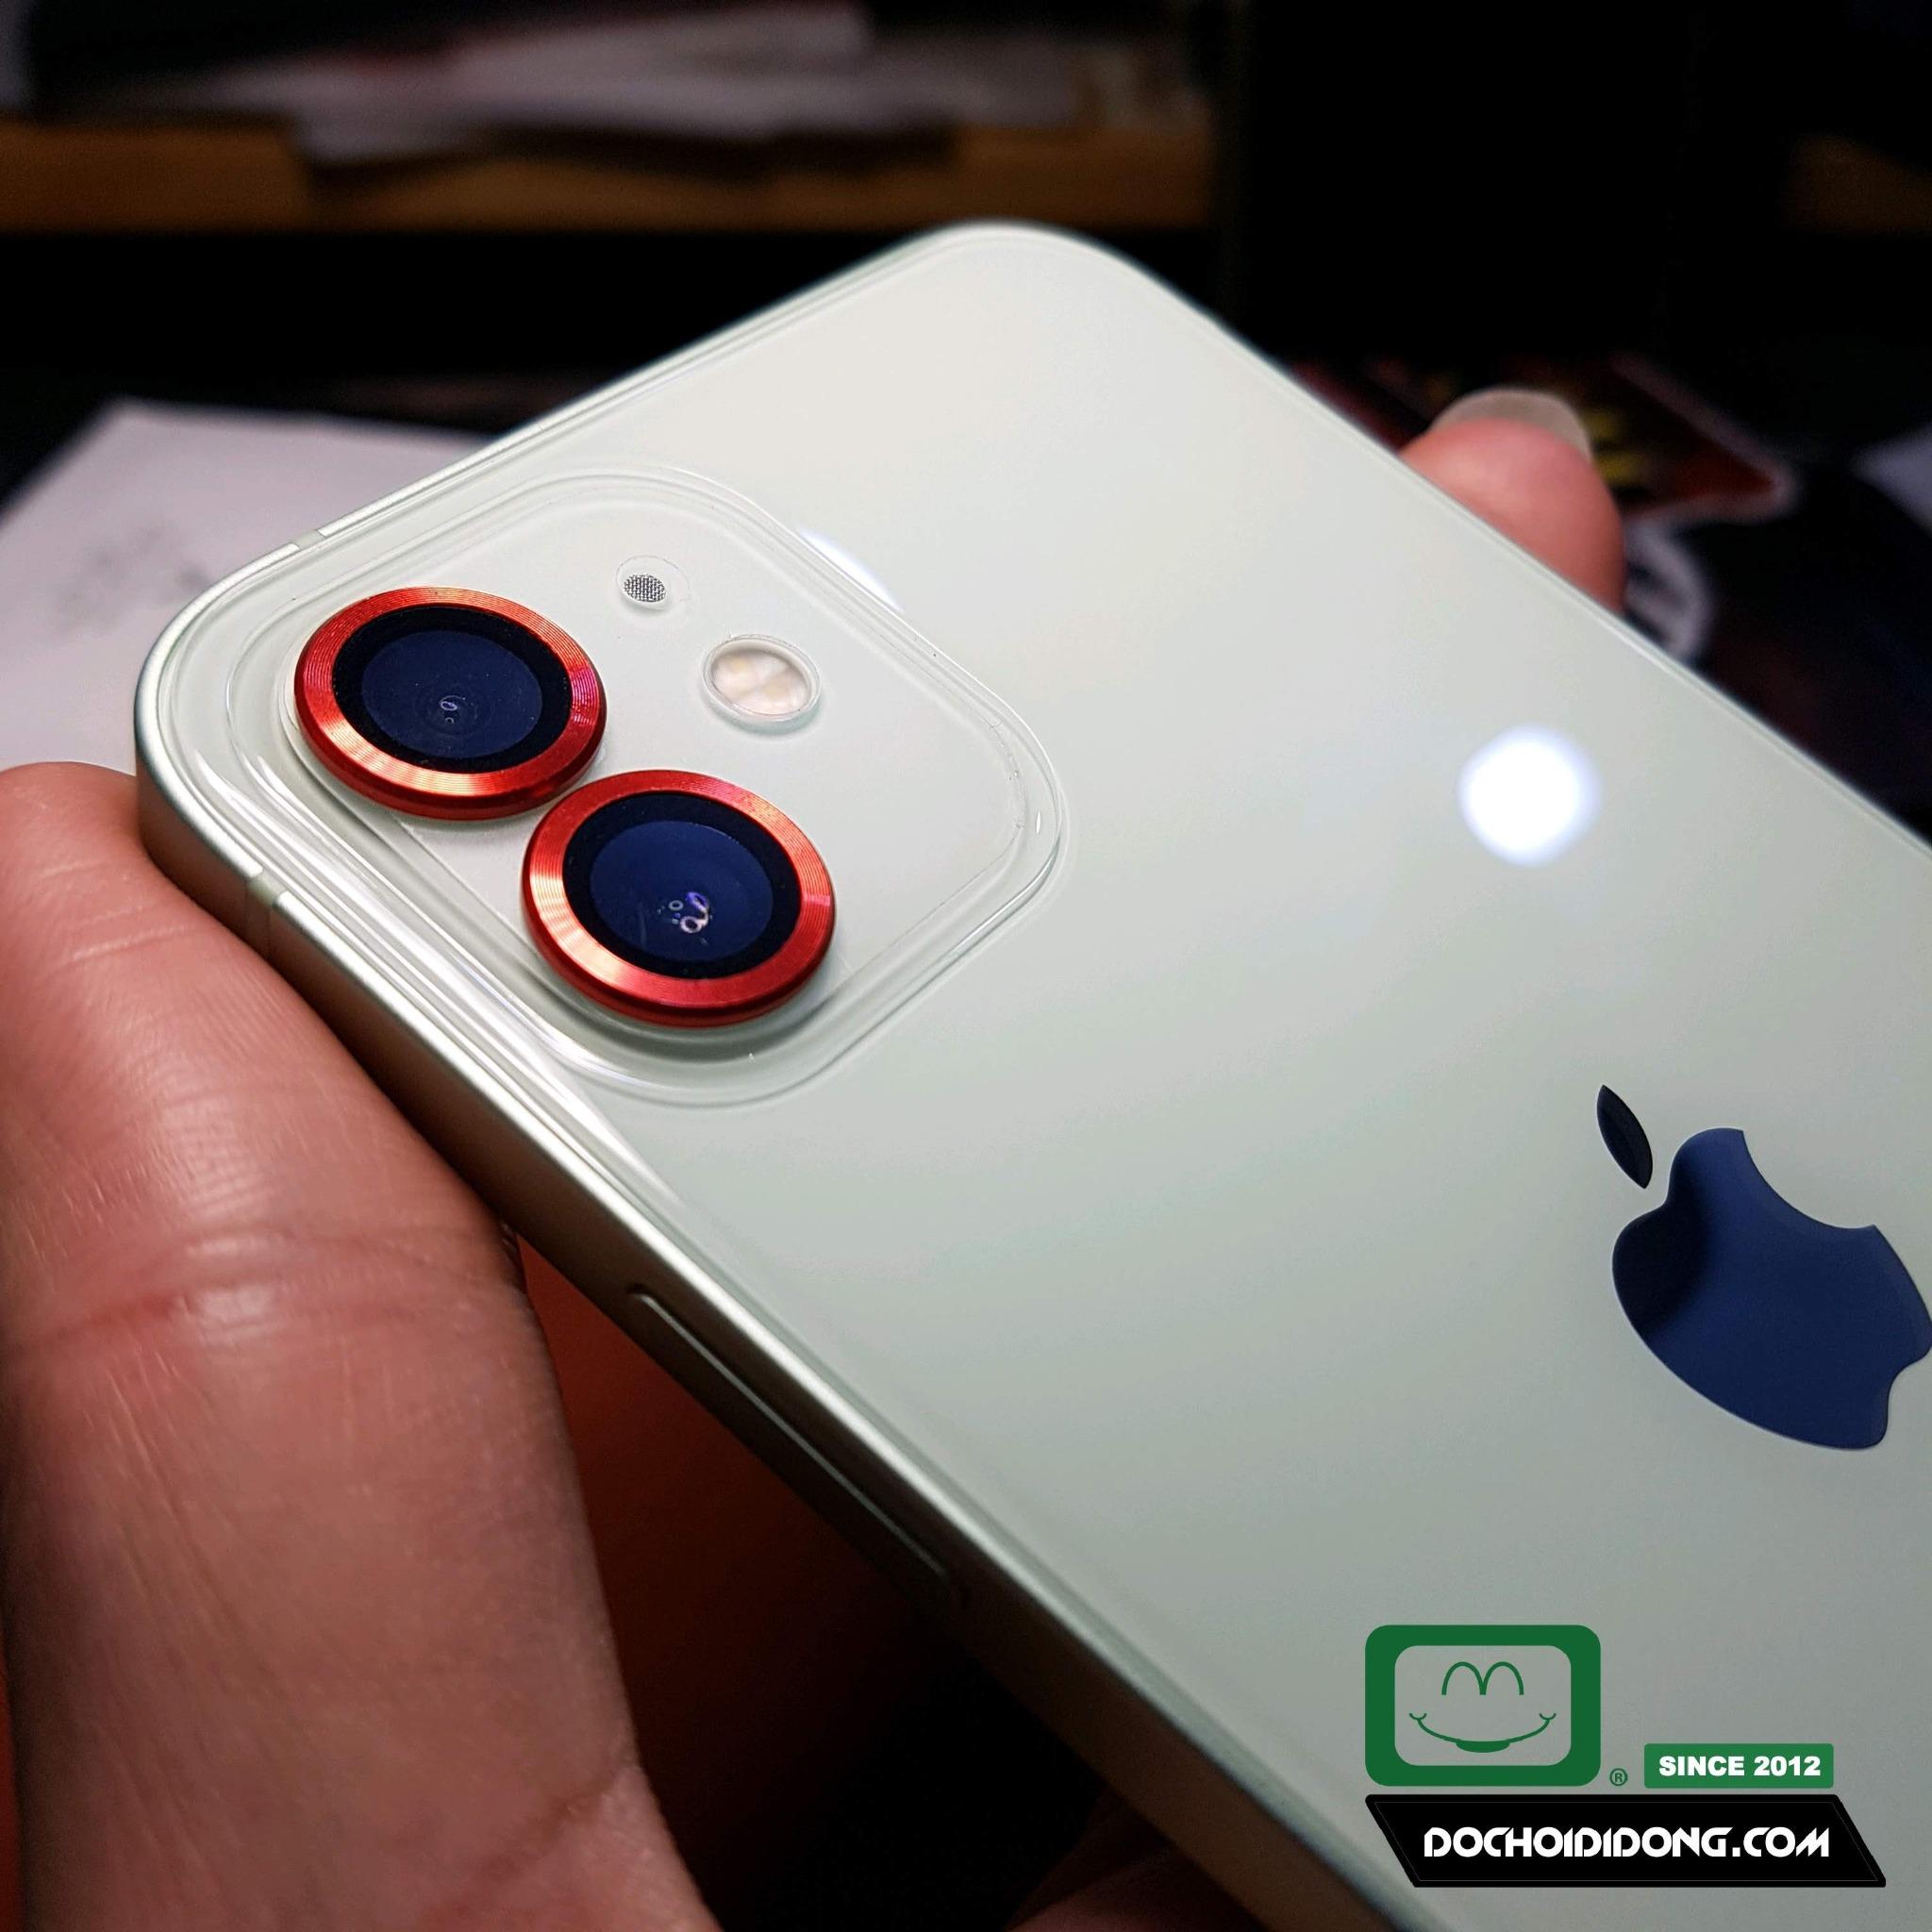 mieng-dan-cuong-luc-lung-iphone-12-pro-max-mini-zacase